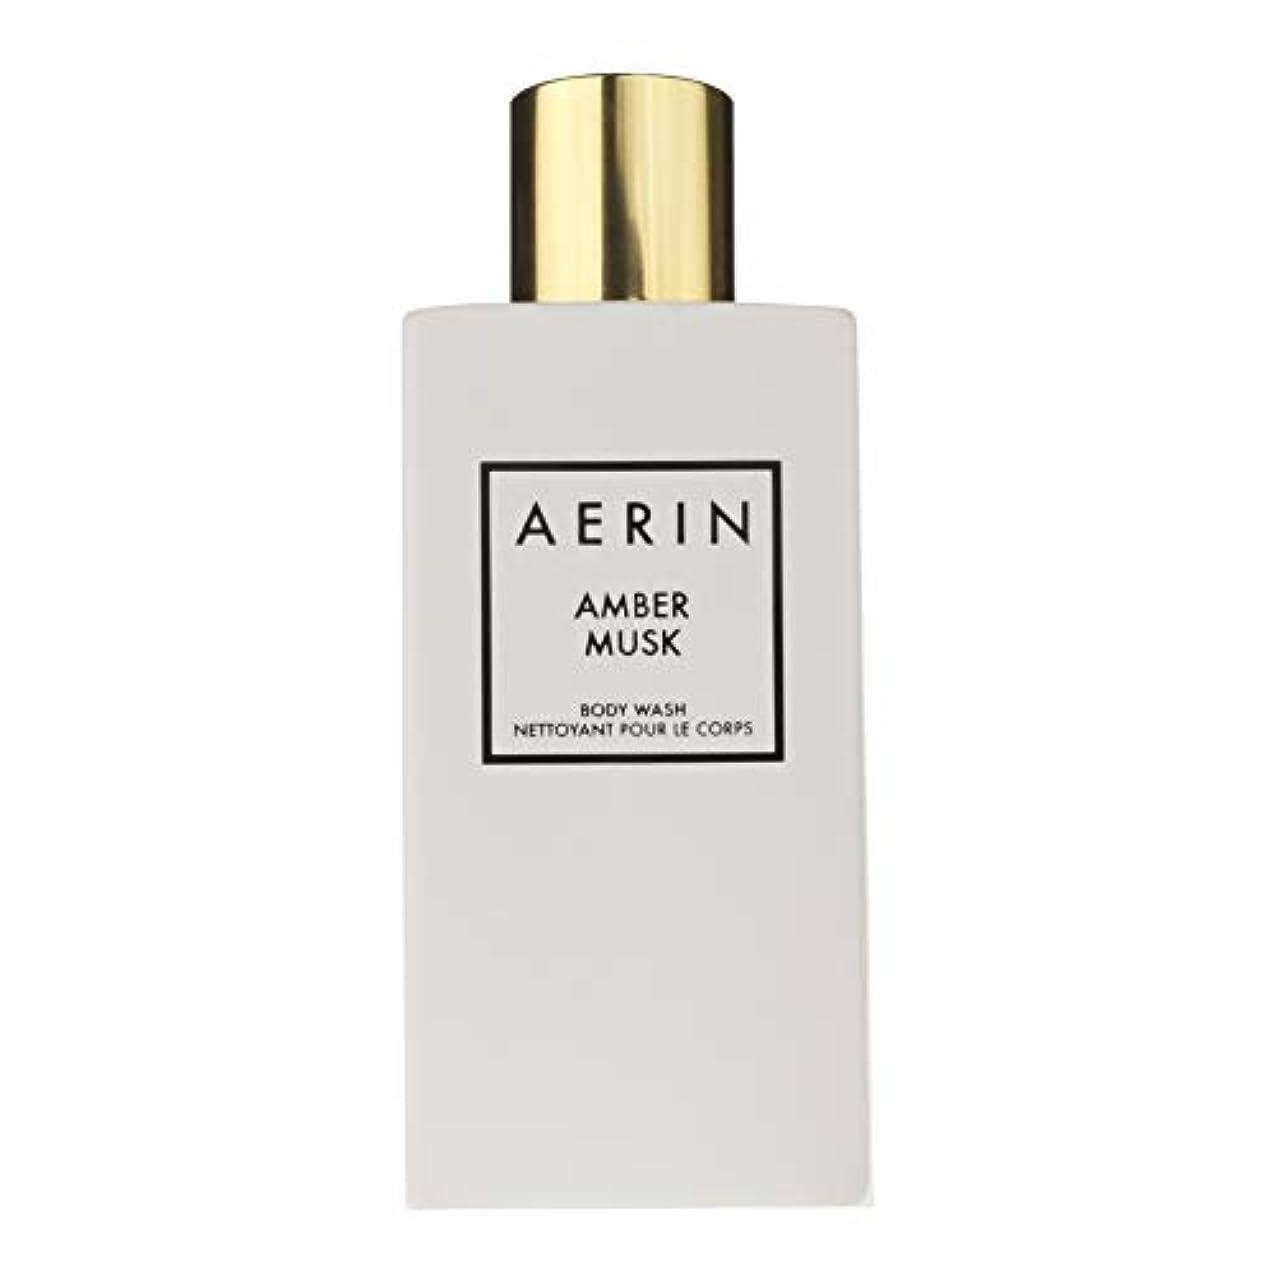 作詞家反映するキャロラインAERIN 'Amber Musk' (アエリン アンバームスク) 7.6 oz (228ml) Body Wash ボディーウオッシュ by Estee Lauder